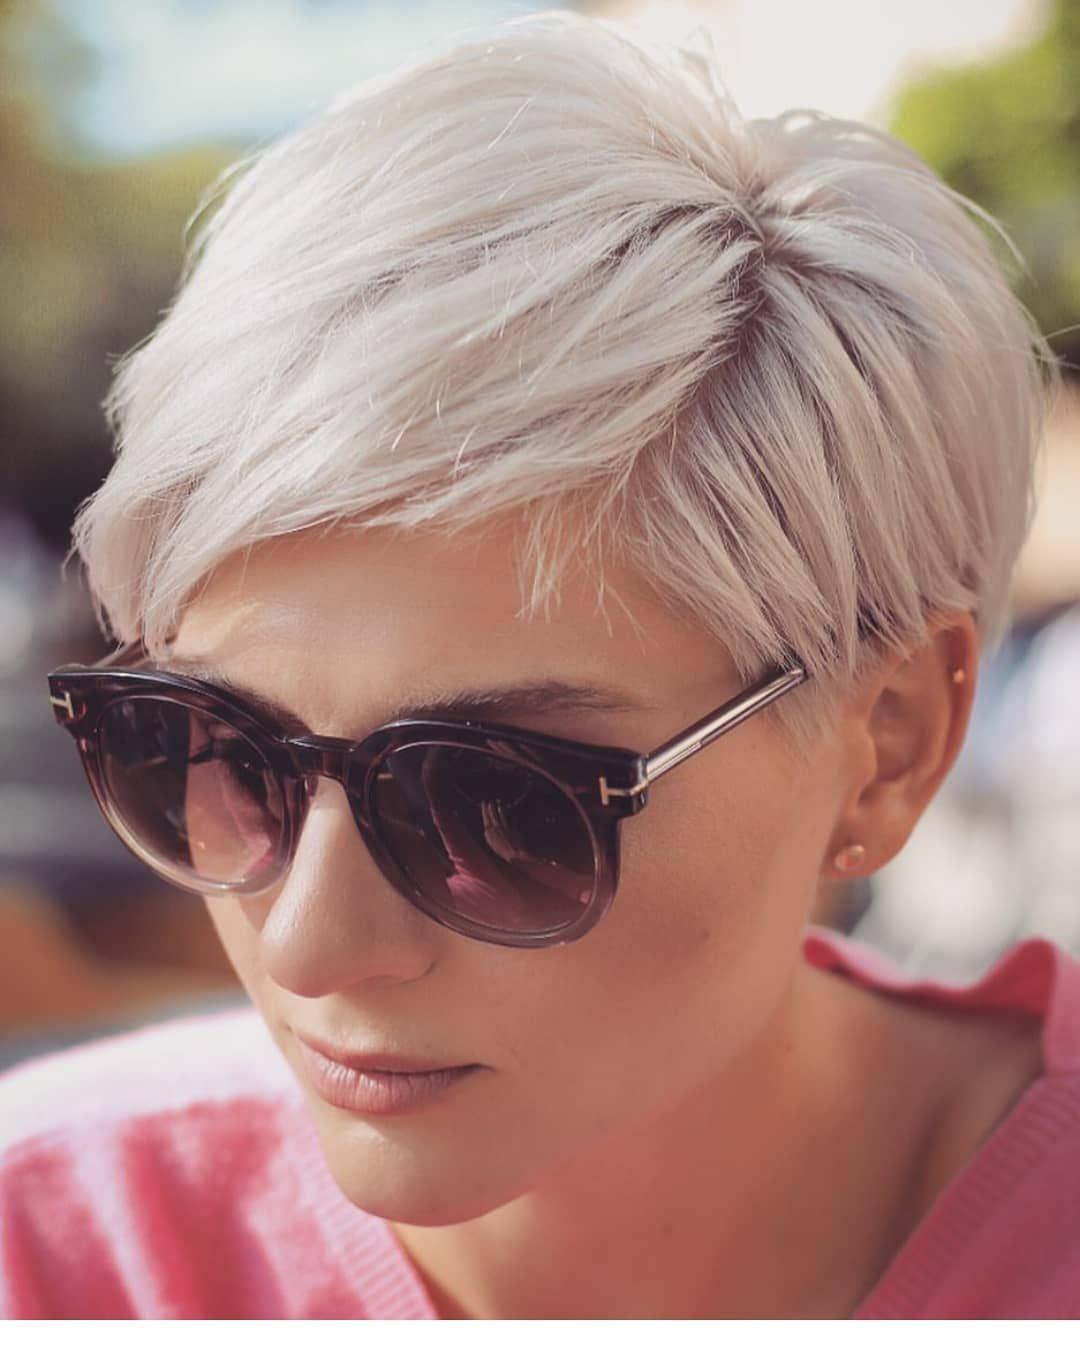 Pin Von Monchen Ramona Auf Ubergang Pixie Zu Bob In 2020 Frisuren Kurze Haare Blond Kurzhaarschnitt Frisuren Kurzhaarfrisuren